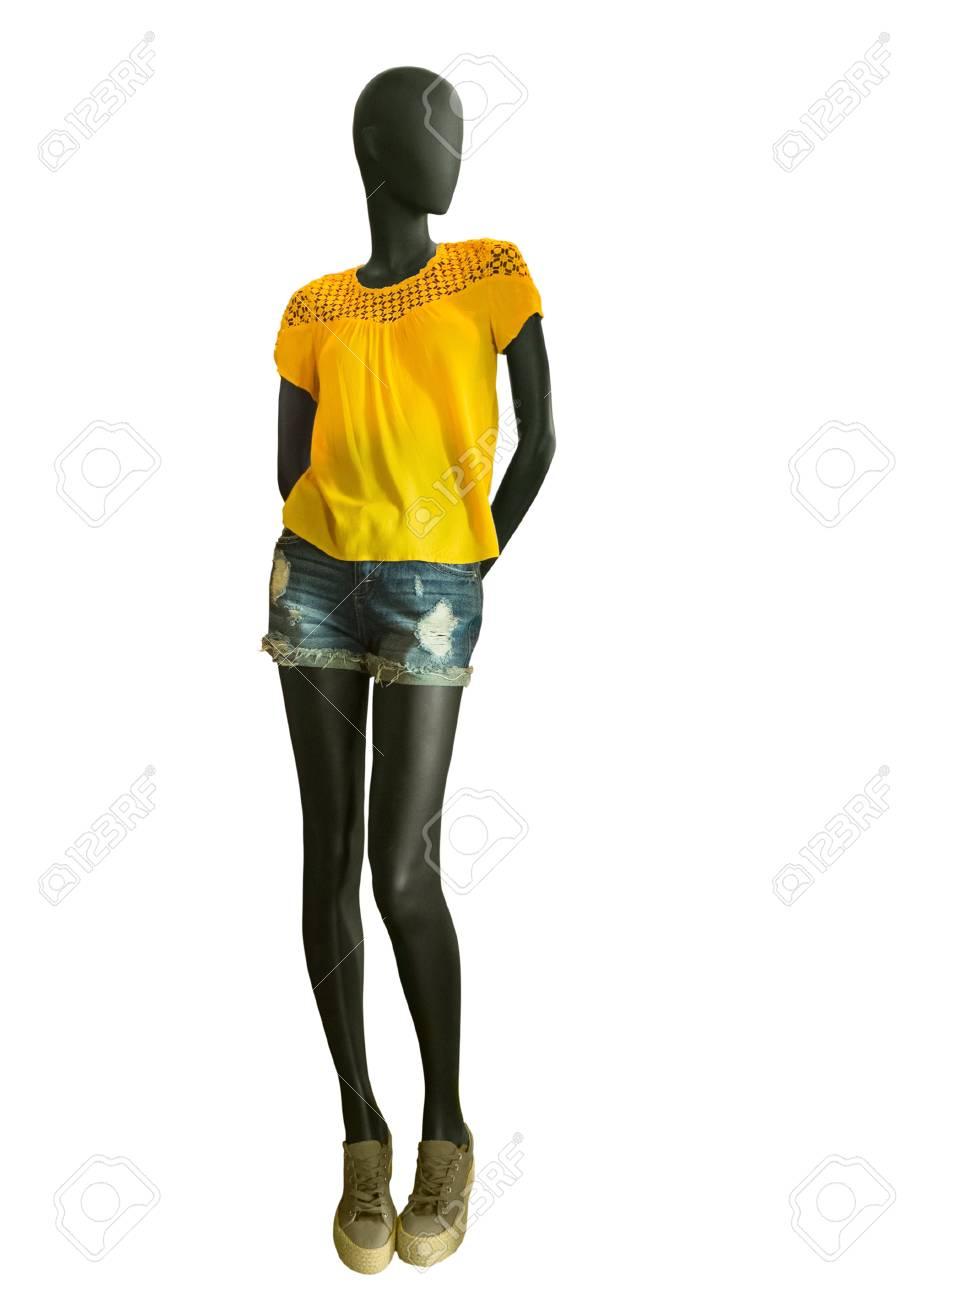 0600e424243a0e Pleine longueur mannequin femme vêtements en blouse jaune avec des jeans de  broderie short, isolé sur fond blanc. Aucun nom de marque ou d'objets de ...